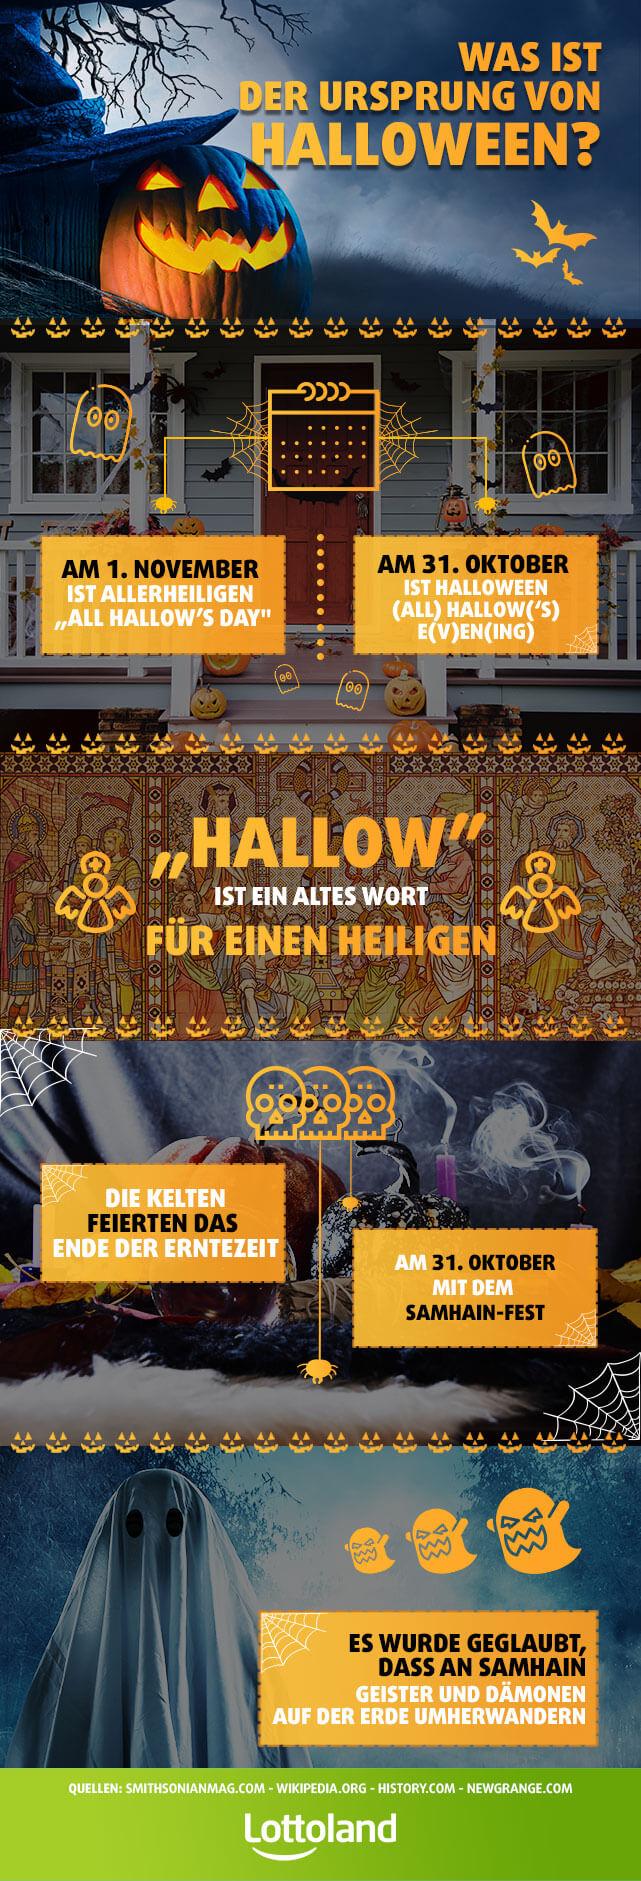 Infografik über den Ursprung und die Bedeutung von Halloween